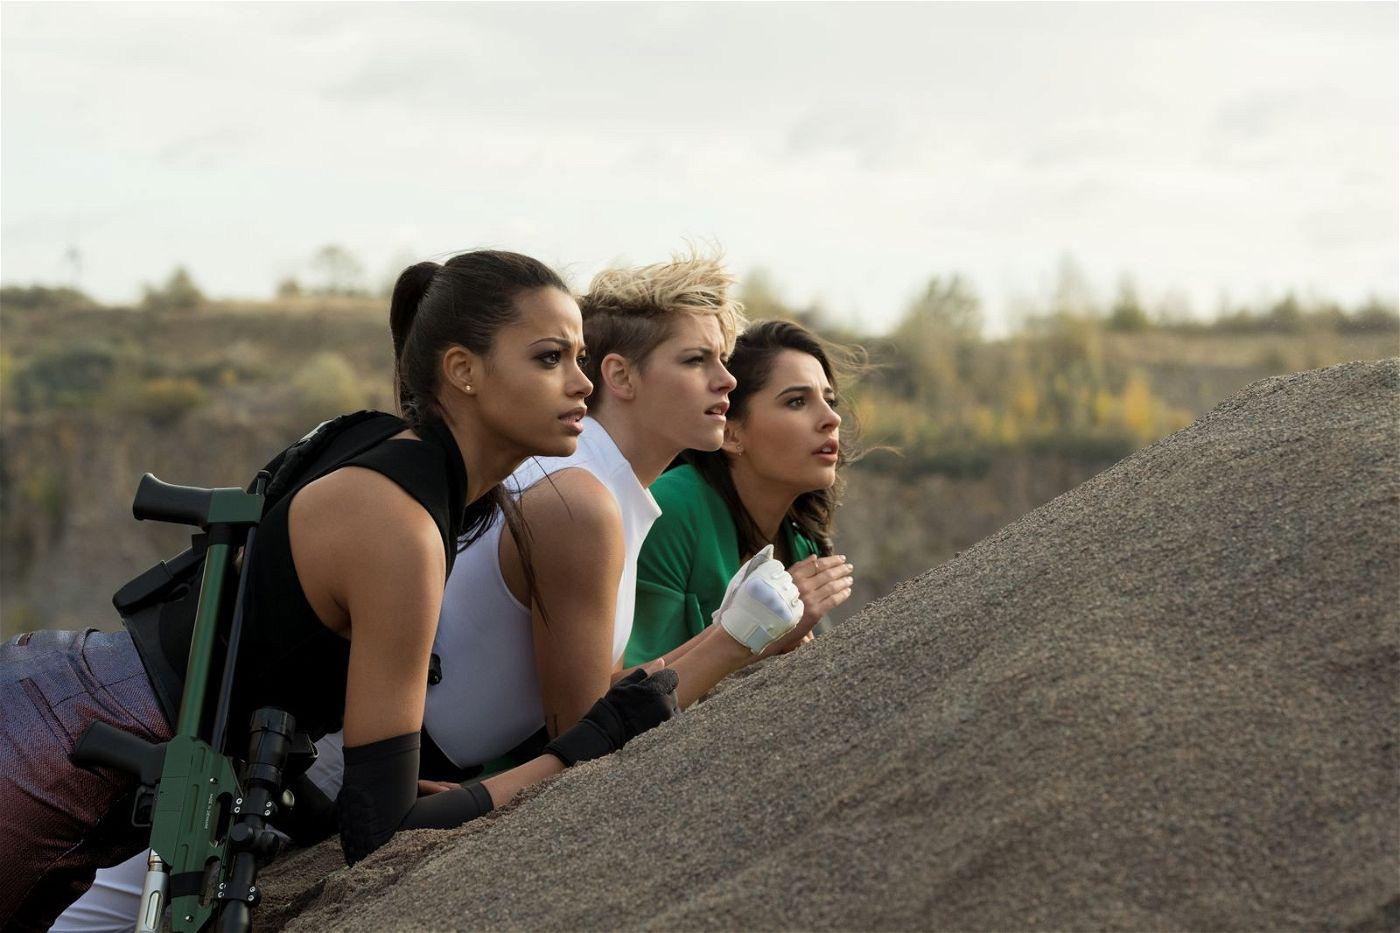 Neue Engel braucht das Kino: Jane (Ella Balinska), Sabina (Kristen Stewart) und Elena (Naomi Scott, von links) treten in die Fußstapfen von Farrah Fawcett und Co.